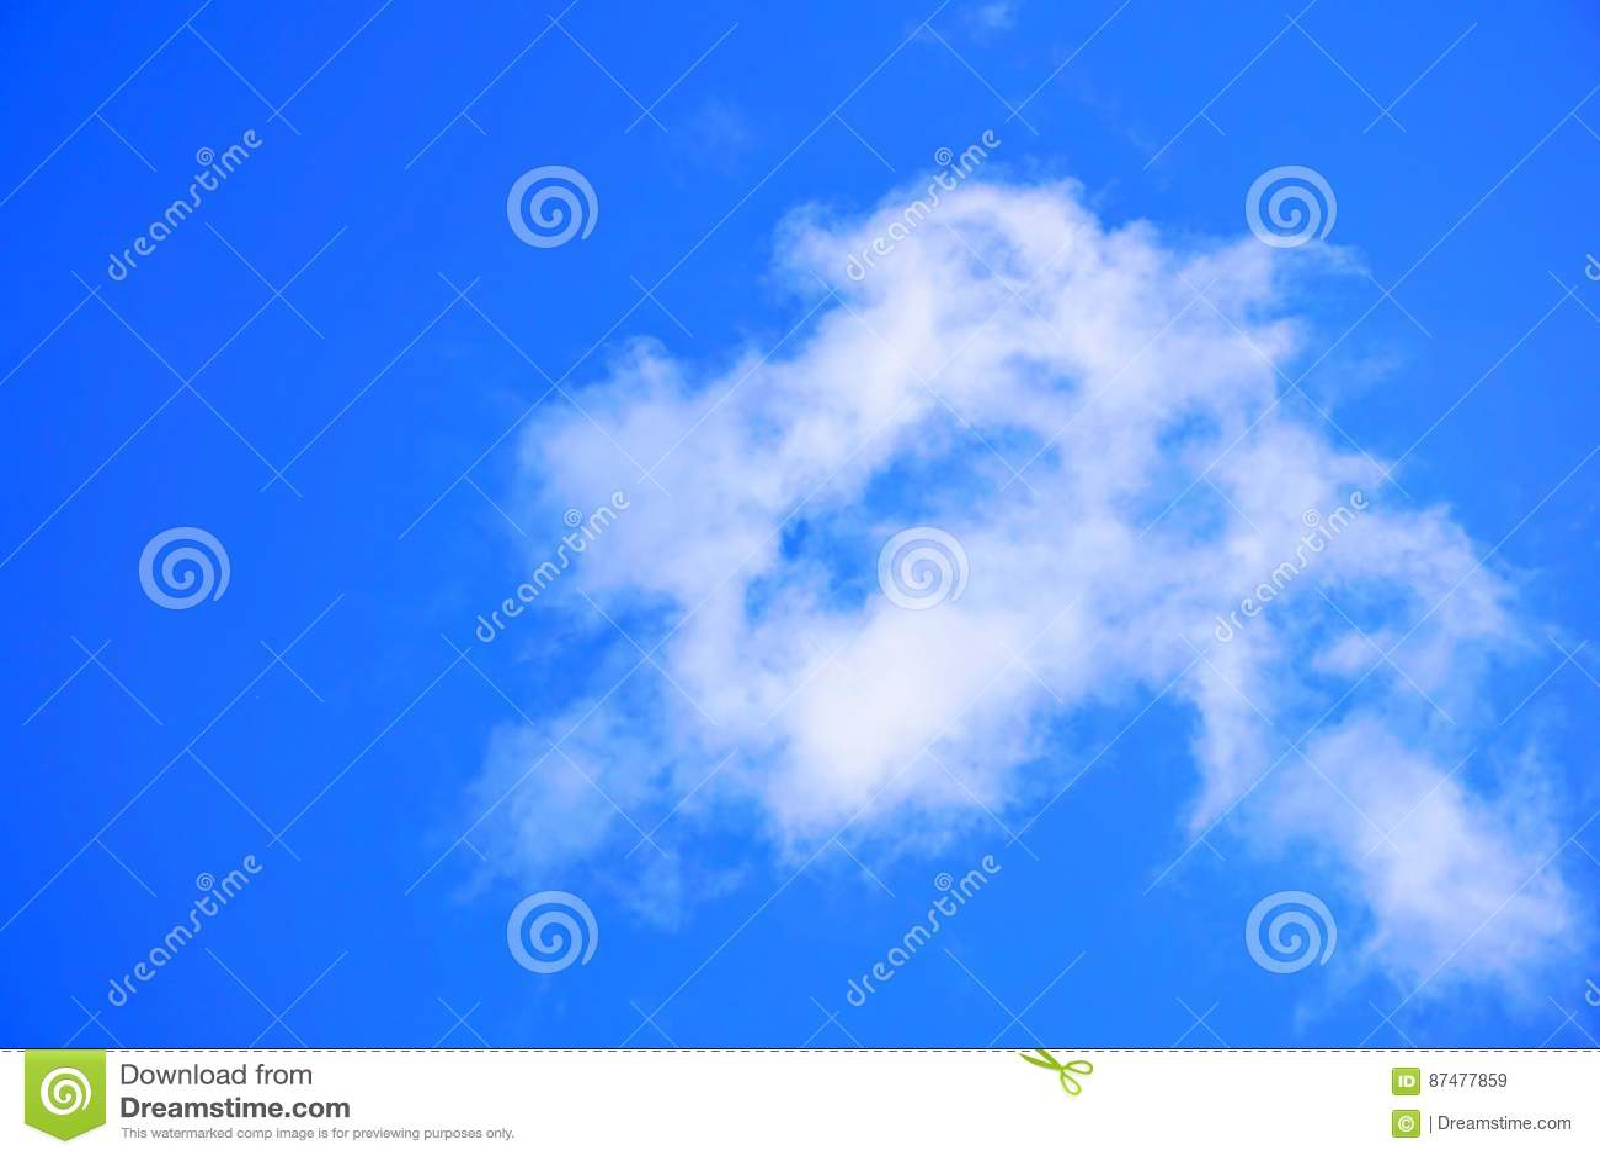 Beste Blauer Himmel Lebenslauf Anschreiben Galerie - Beispiel ...